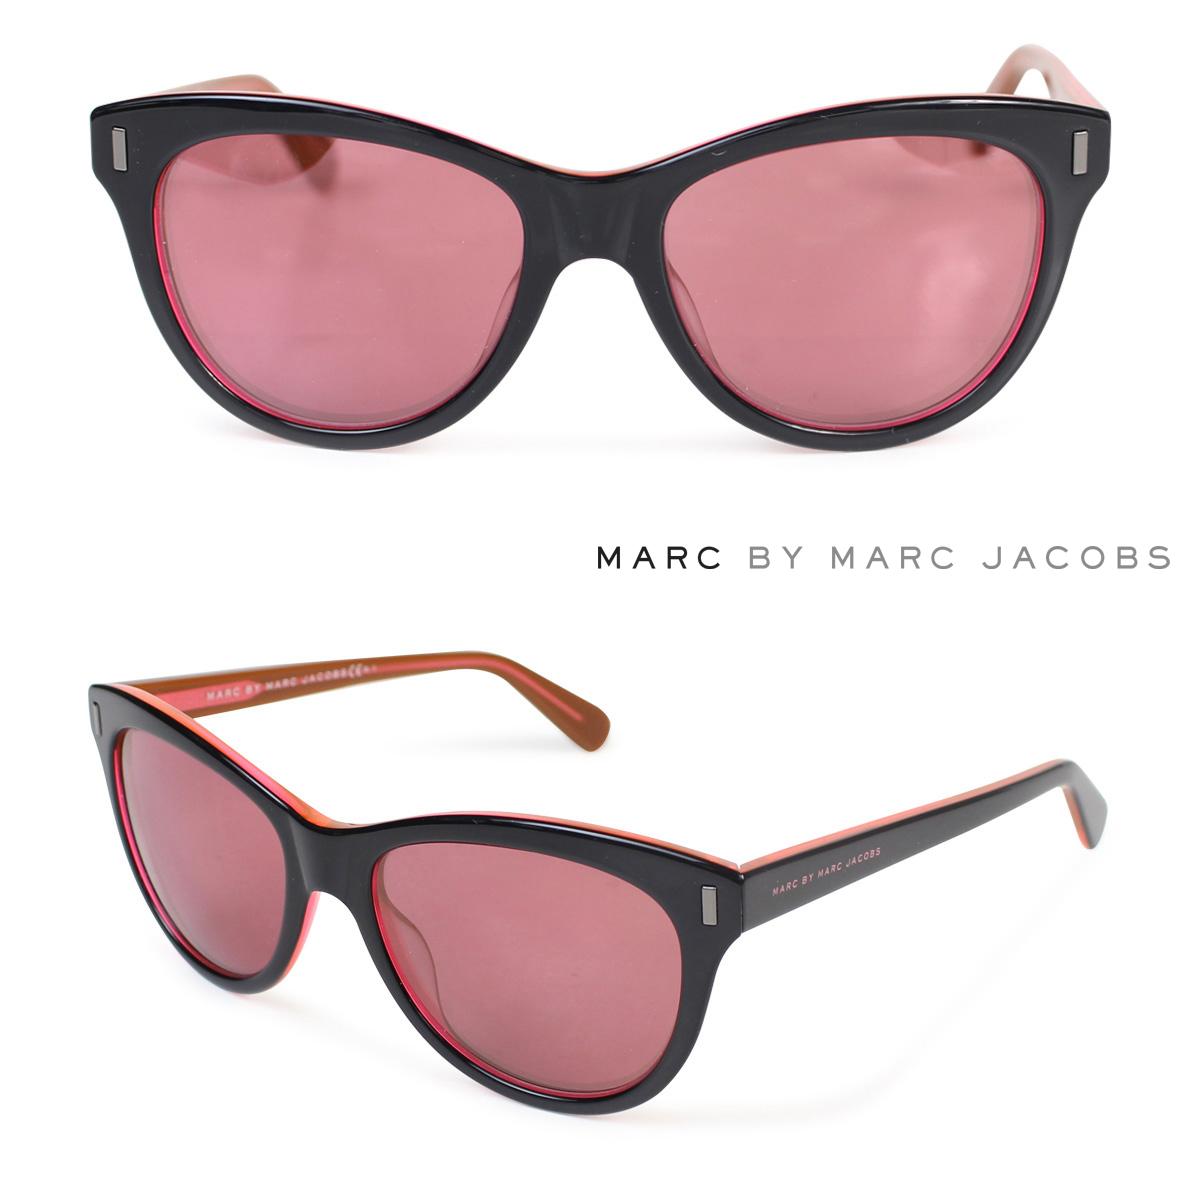 マークバイマークジェイコブス MARC BY MARC JACOBS サングラス レディース UVカット MMJ434/S ブラックオレンジ